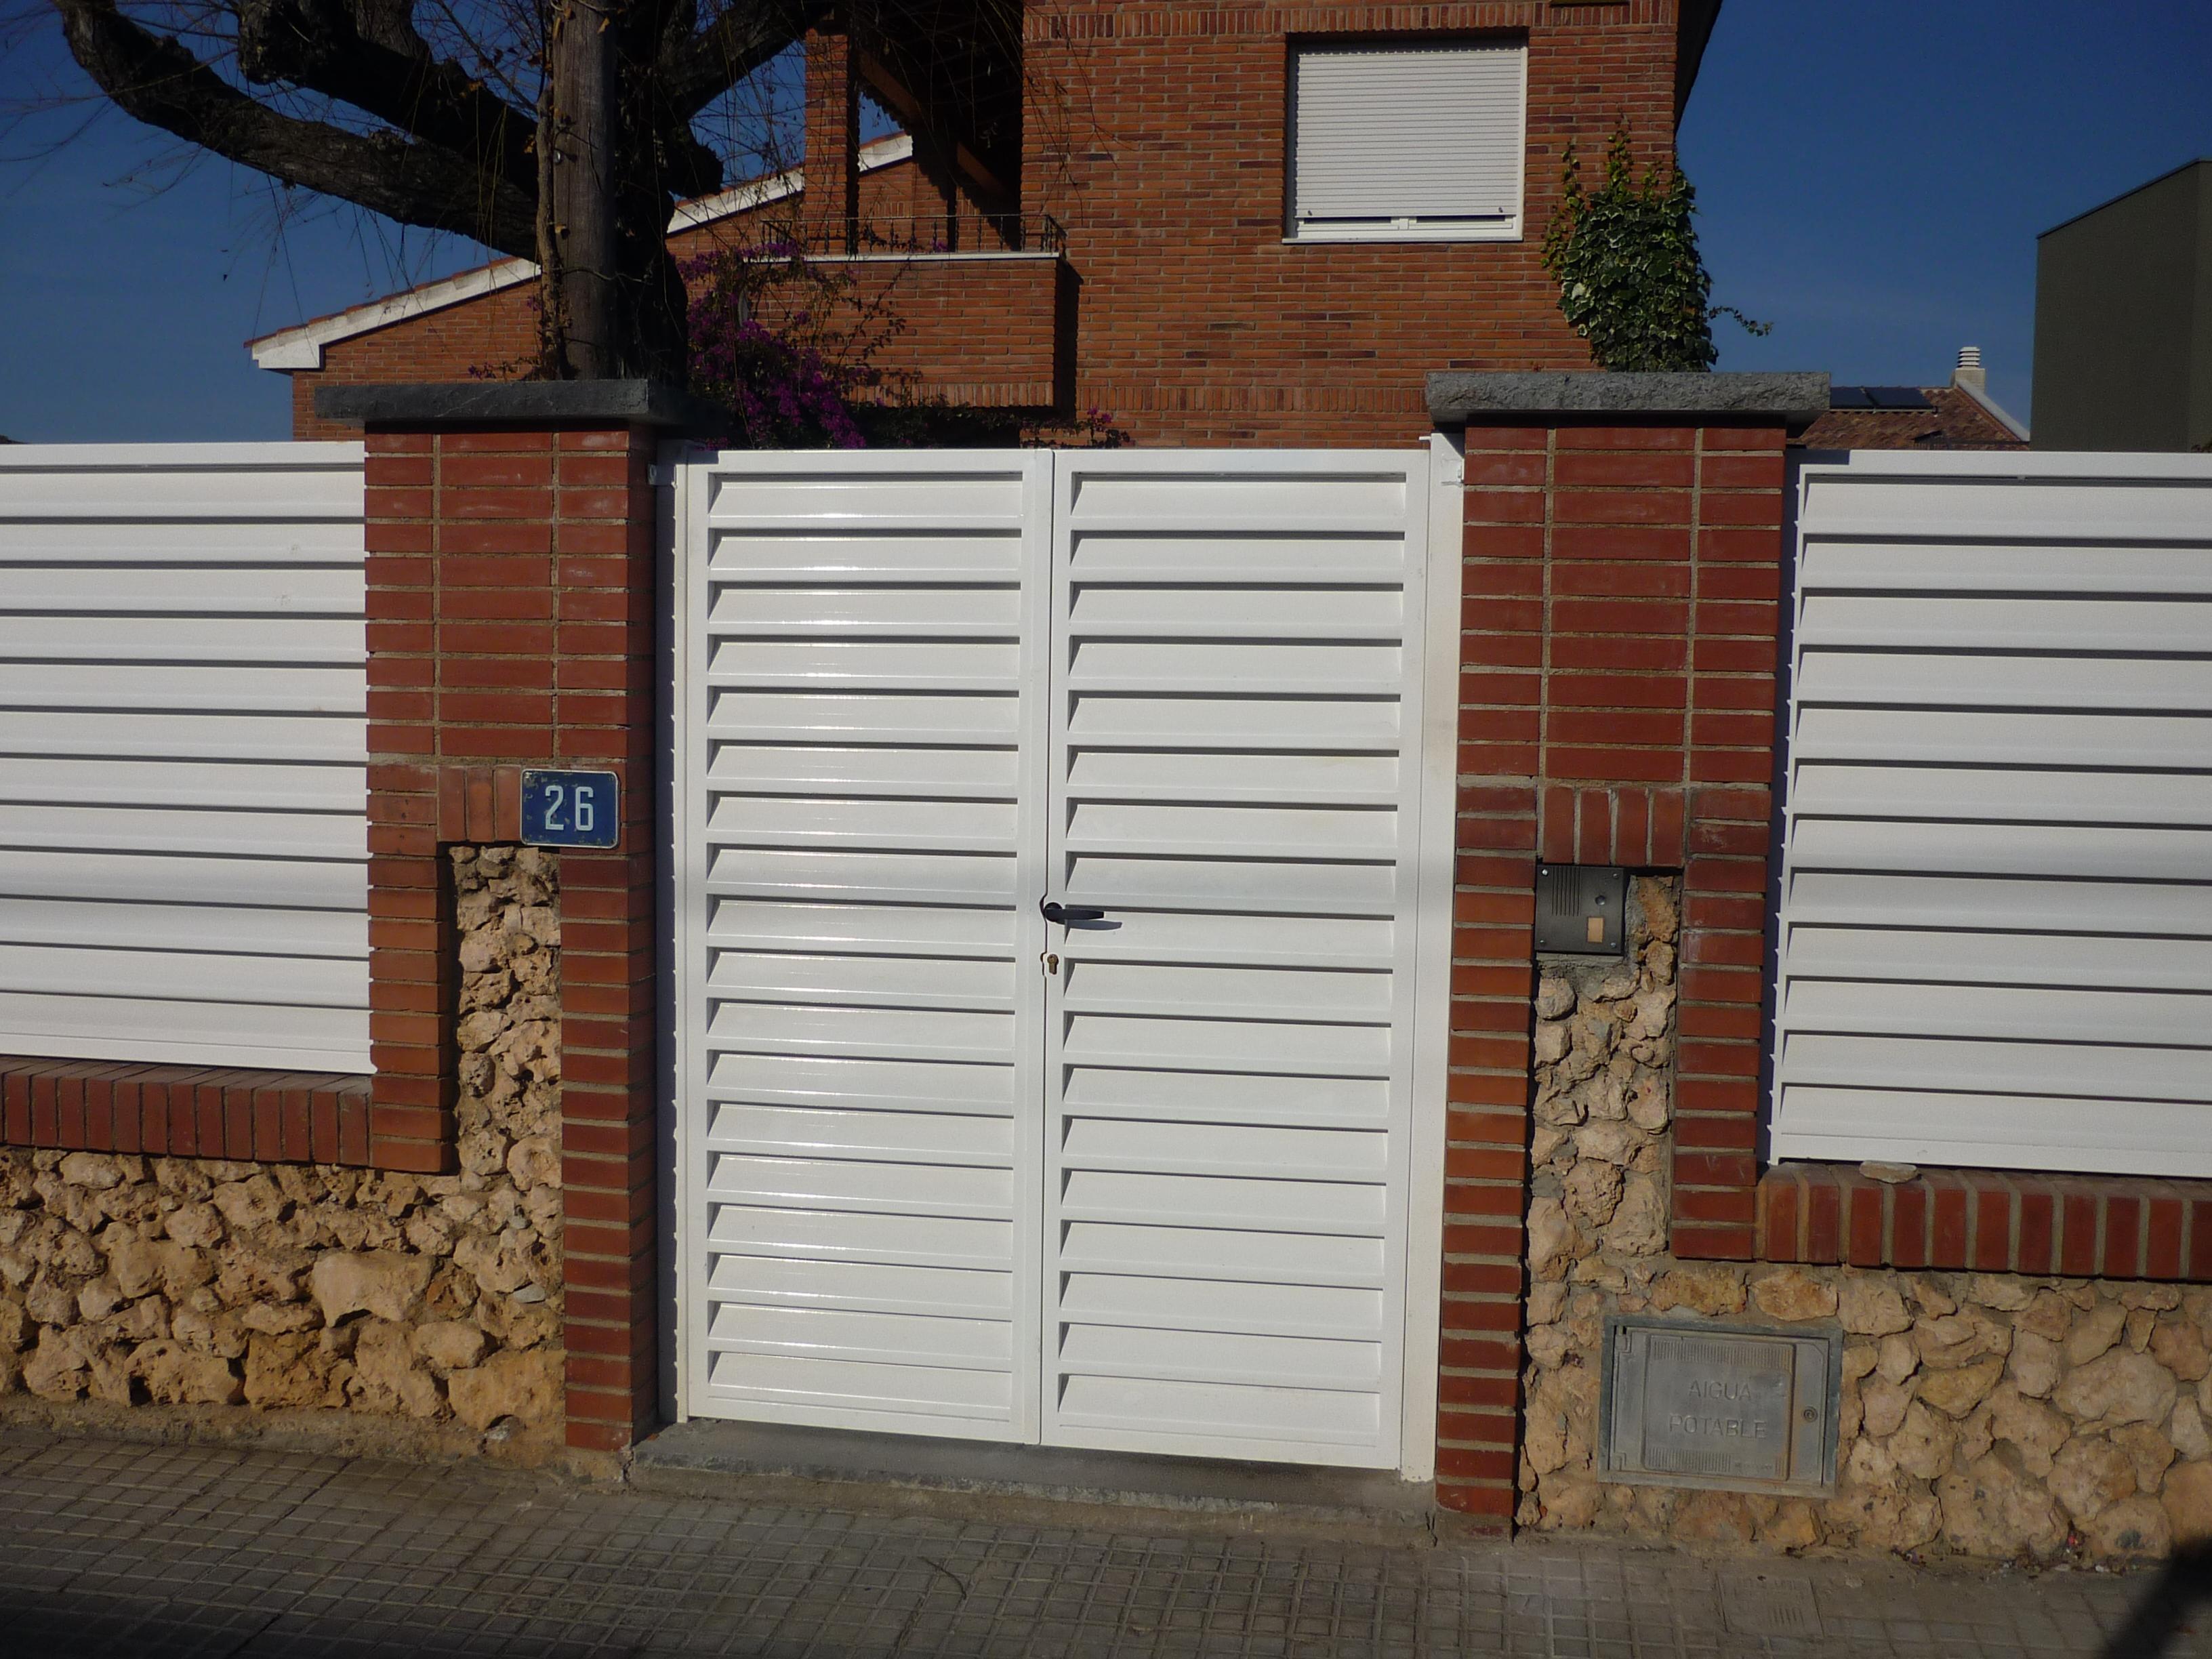 Vinuesa vallas cercados modelos puertas residenciales met licas para viviendas y chalet - Puertas de chalet ...